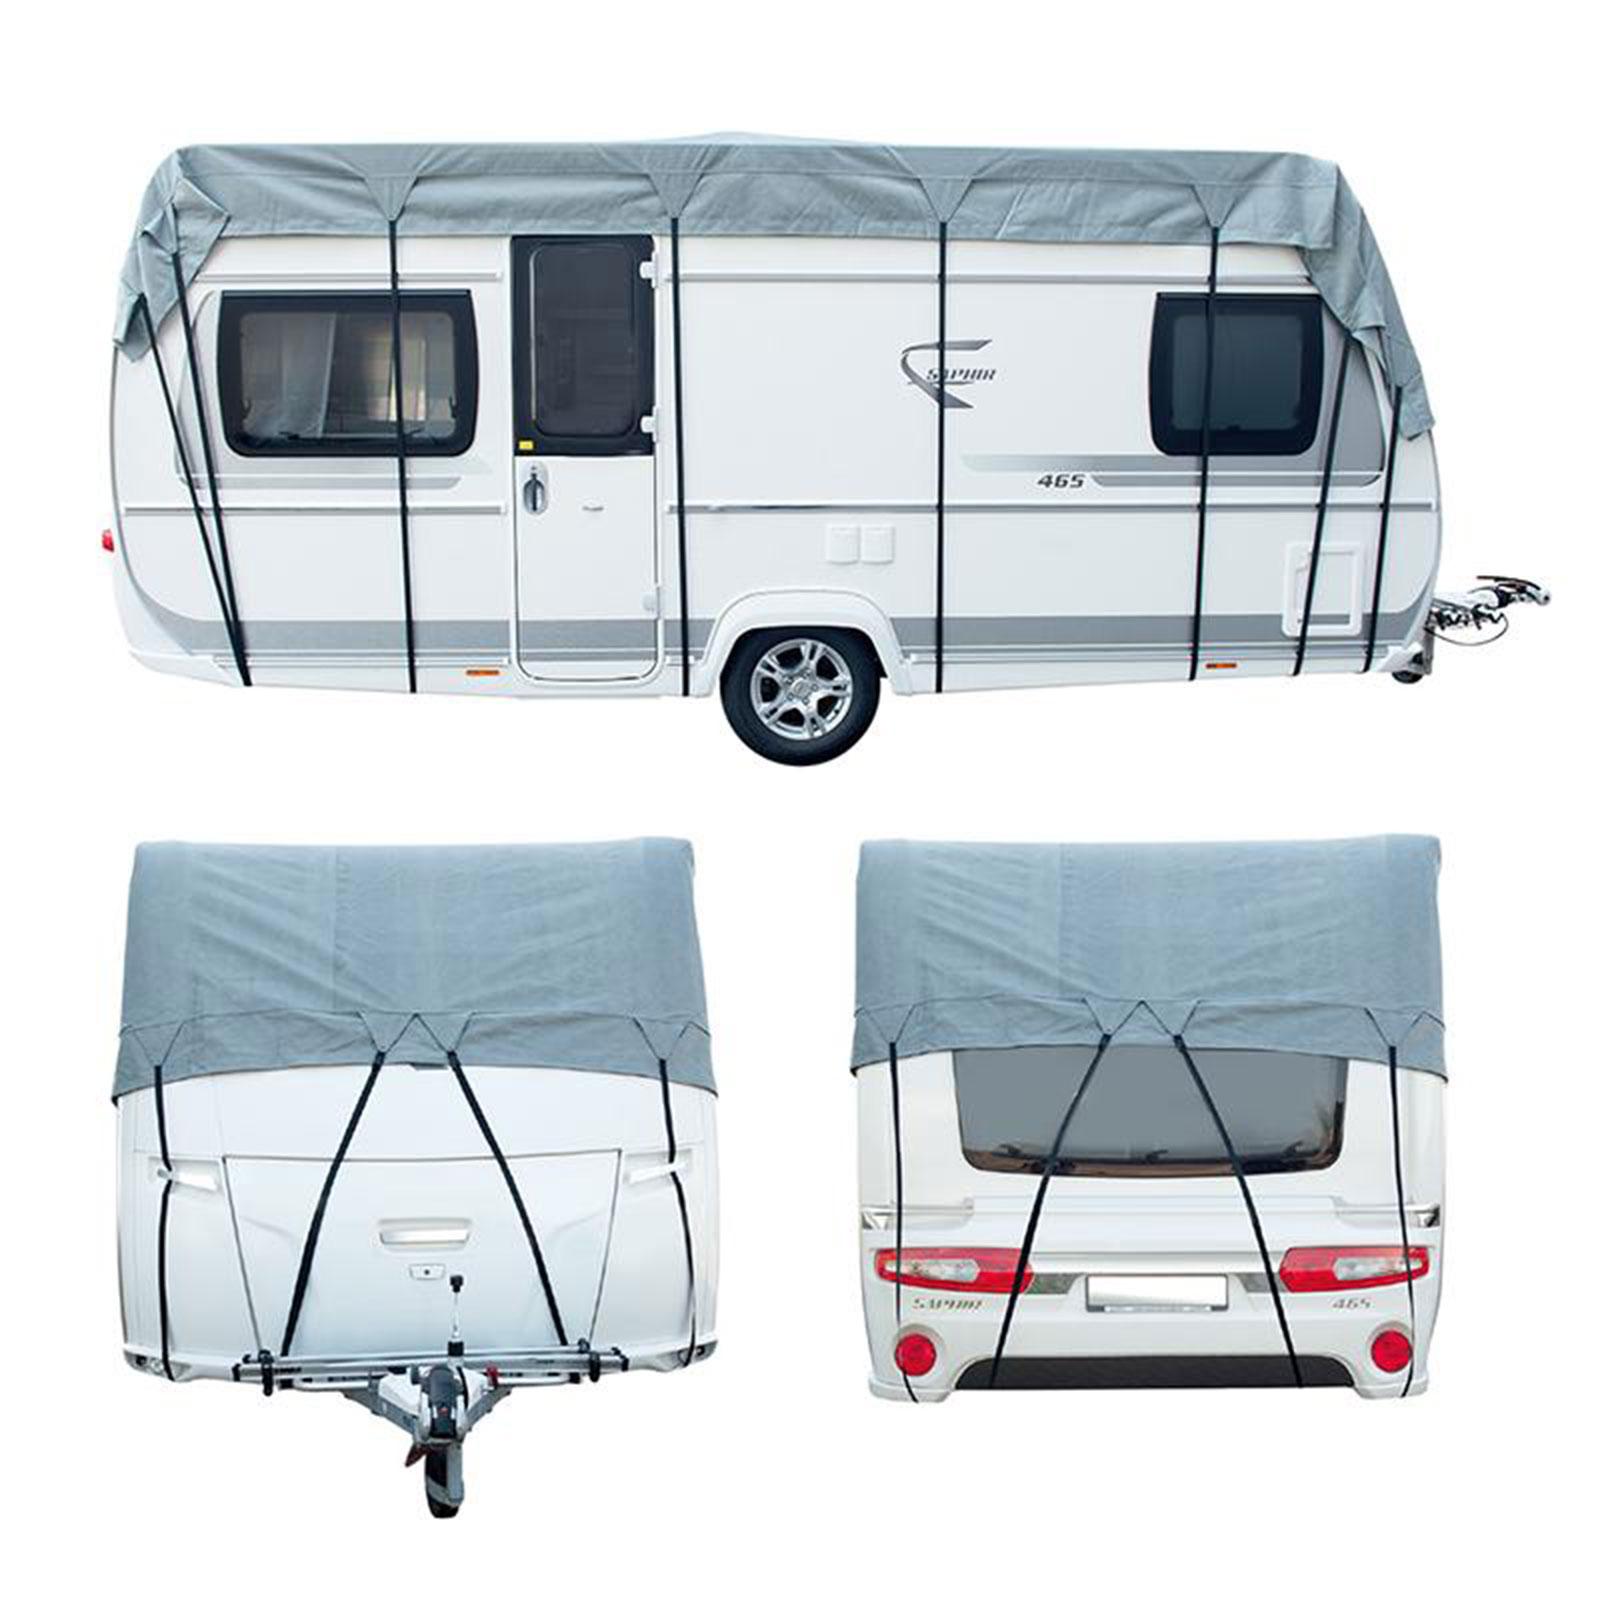 wohnwagen wohnmobil schutzdach 5 x 3 meter 3 schichten 160g winter geeignet ebay. Black Bedroom Furniture Sets. Home Design Ideas